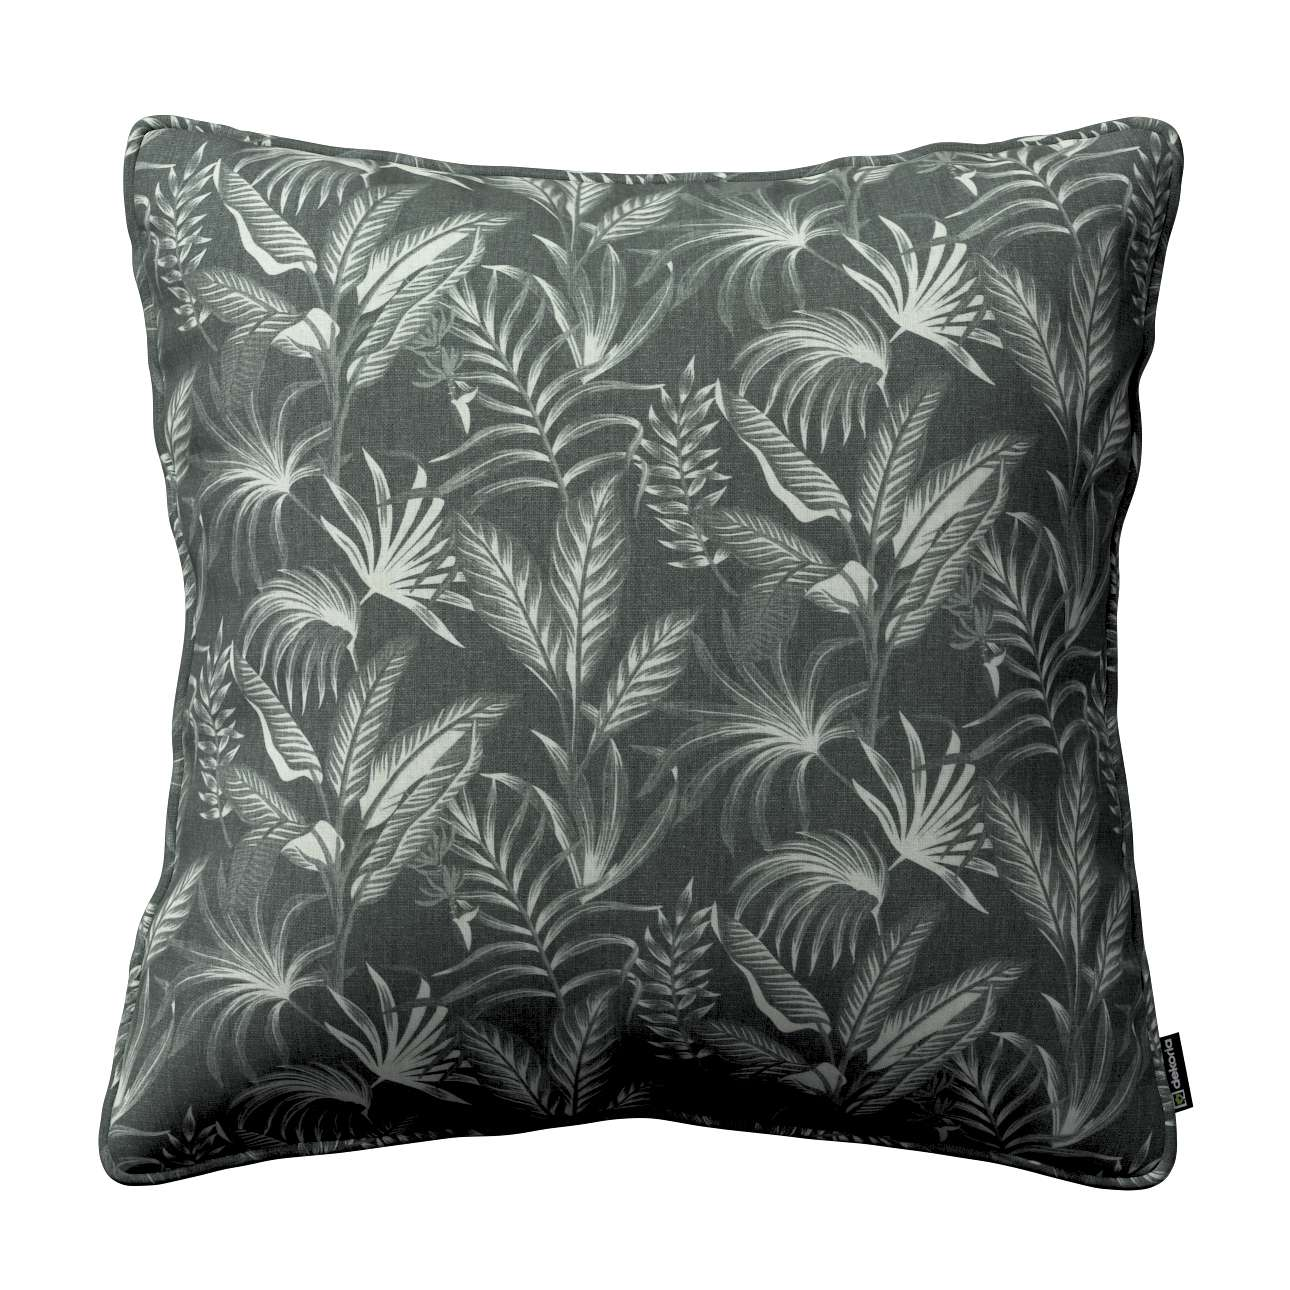 Dekoria Gabi - potah na polštář šňůrka po obvodu, listy na černém pozadí, 60 × 60 cm, Flowers, 143-73